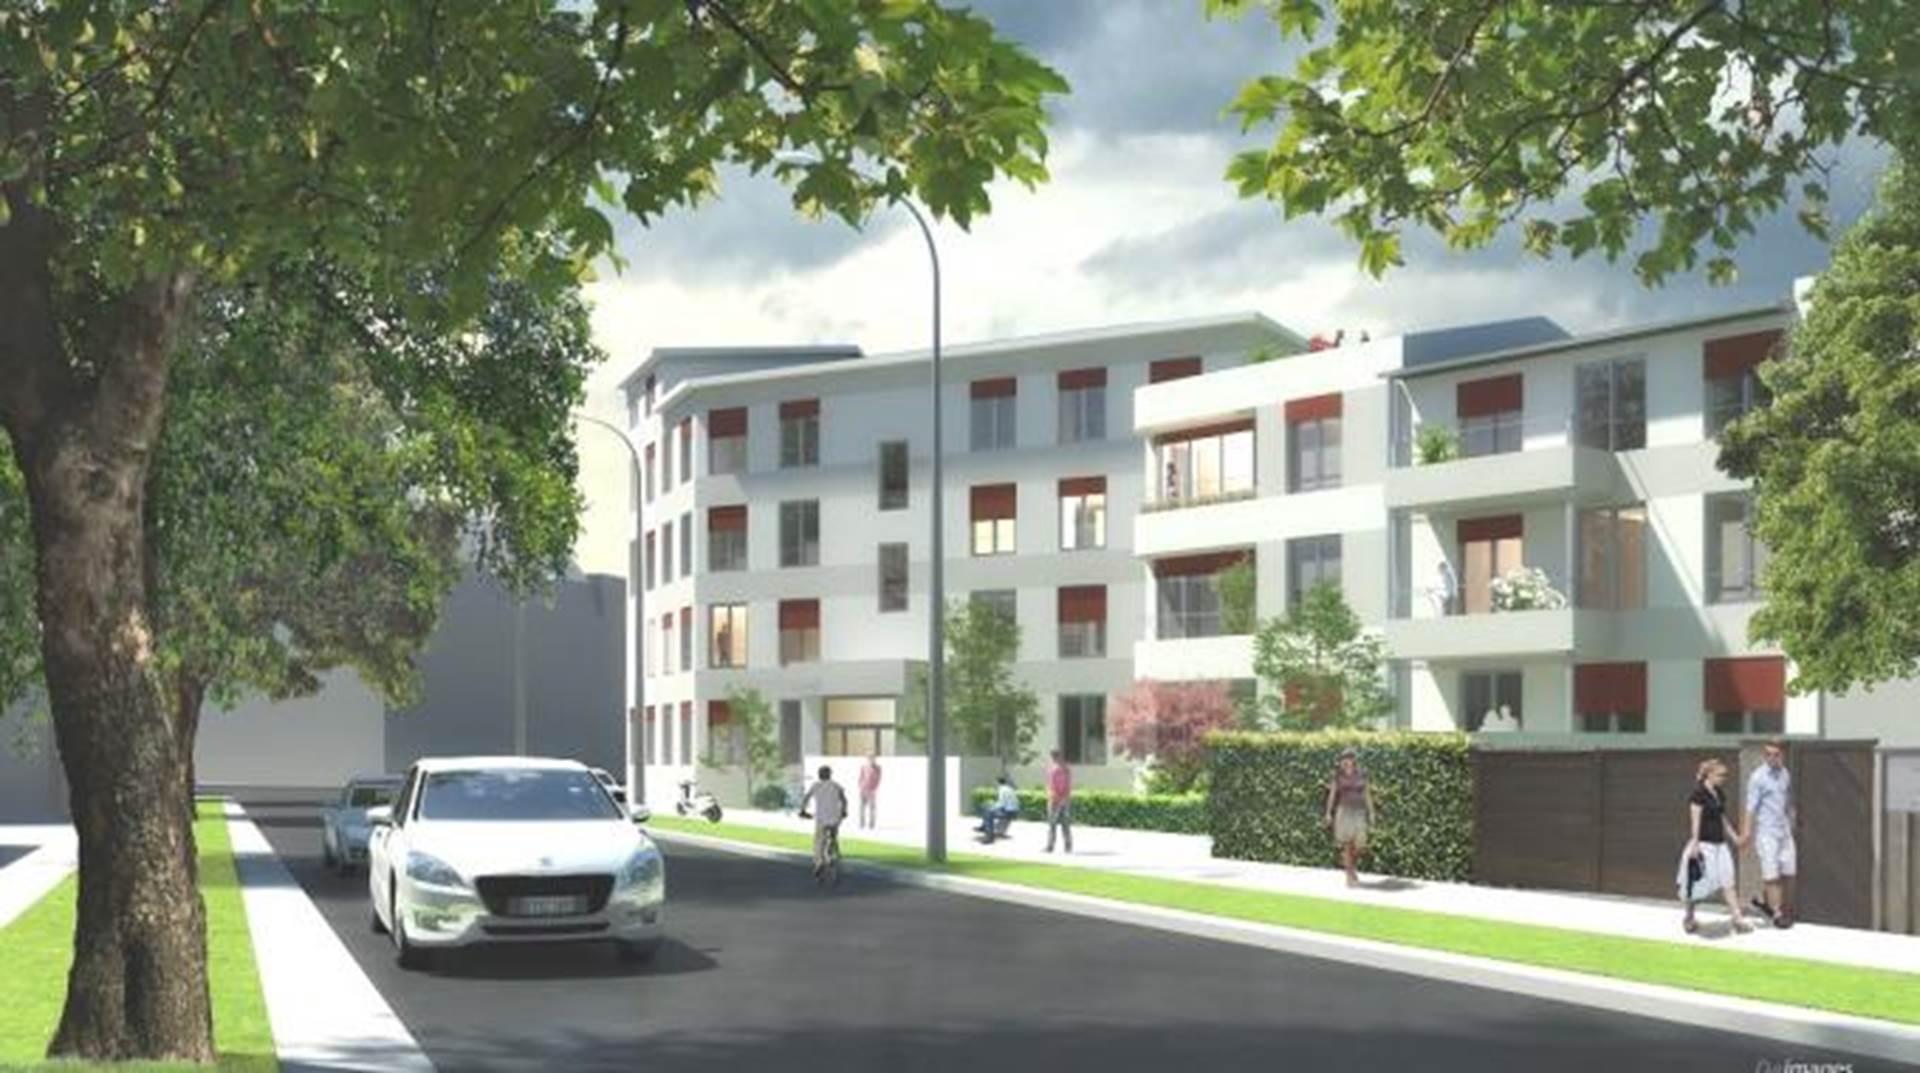 Jacobsohnstraße 5 | Berlin Fliesendesign BFD